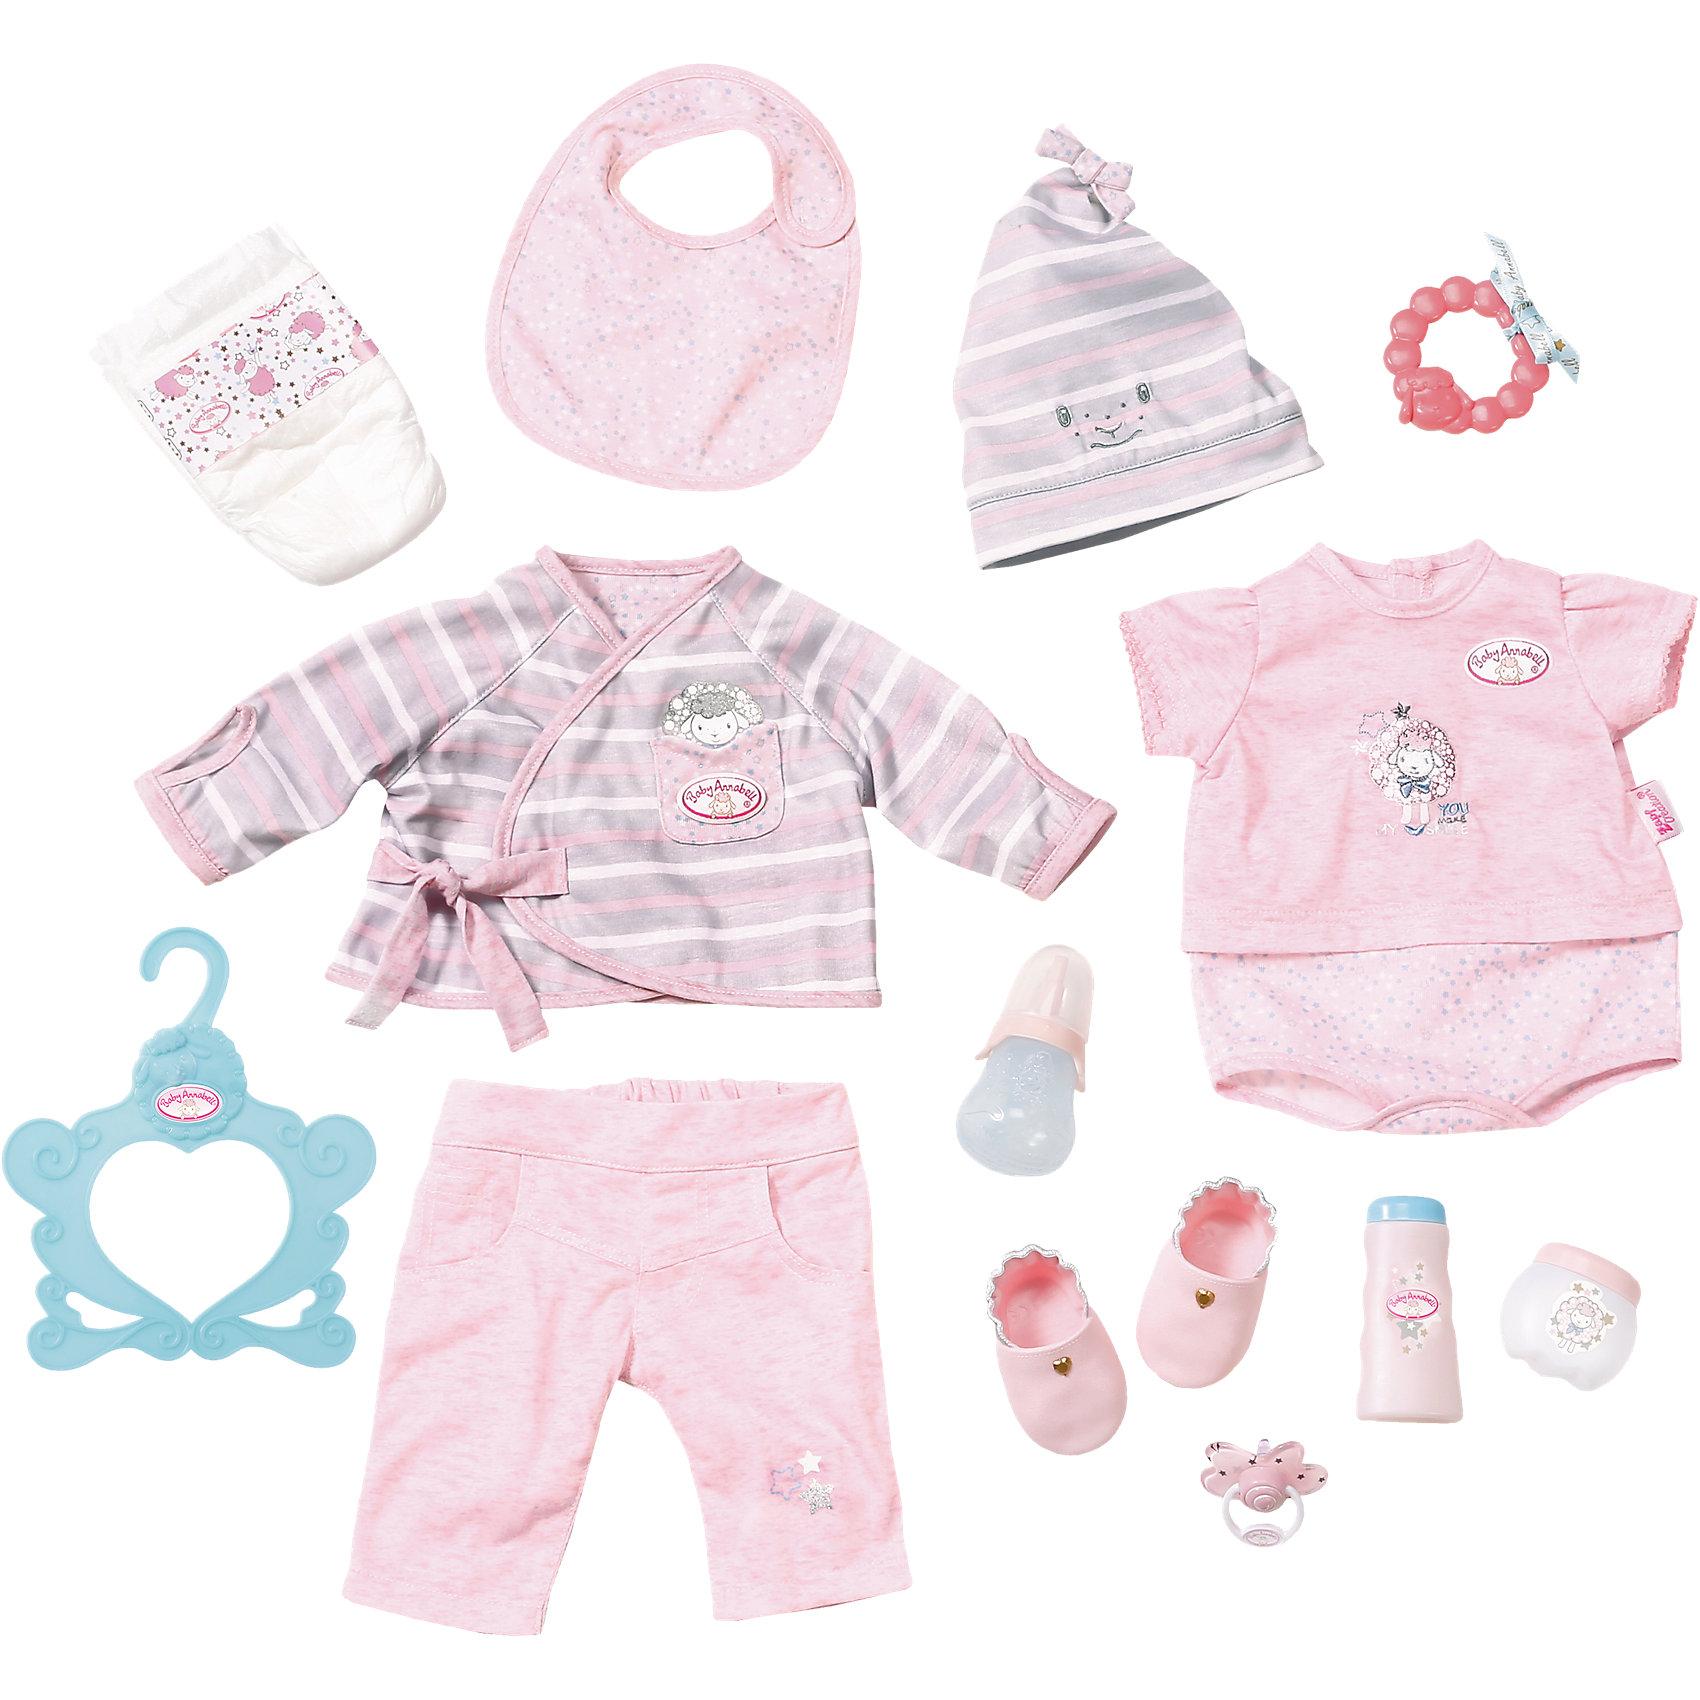 Супернабор с одеждой и аксессуарами, Baby AnnabellВ составе набора: штанишки, кофта с длинными рукавами, шапочка, боди, вешалка, ботиночки, подгузник, соска, бутылочка, прорезыватель для зубов и два игрушечных тюбика крема.<br><br>Ширина мм: 280<br>Глубина мм: 80<br>Высота мм: 362<br>Вес г: 475<br>Возраст от месяцев: 36<br>Возраст до месяцев: 60<br>Пол: Женский<br>Возраст: Детский<br>SKU: 5030815